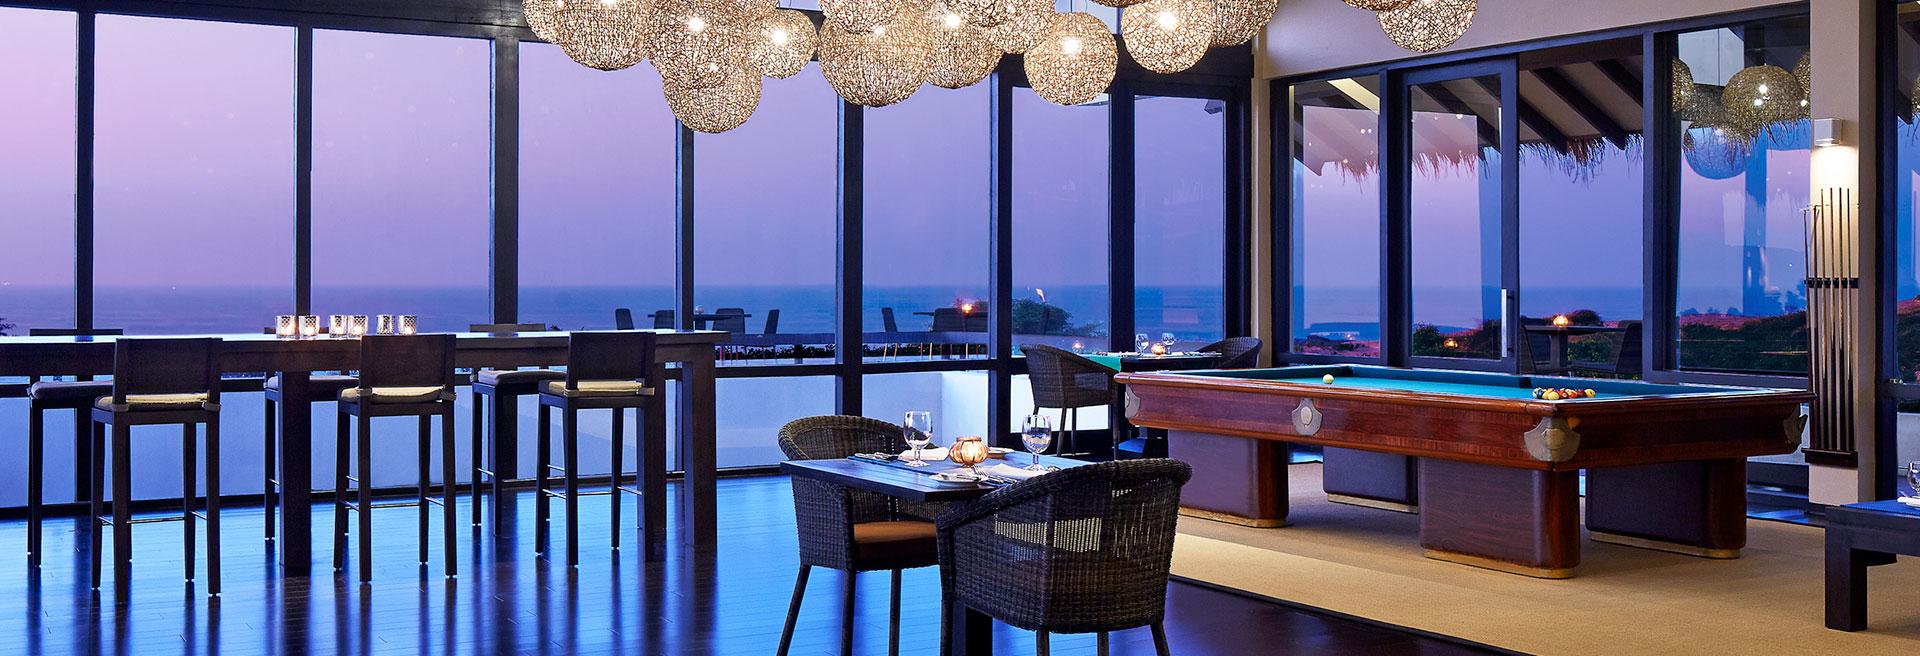 Jetwing Hotels Sri Lanka Billiards Table